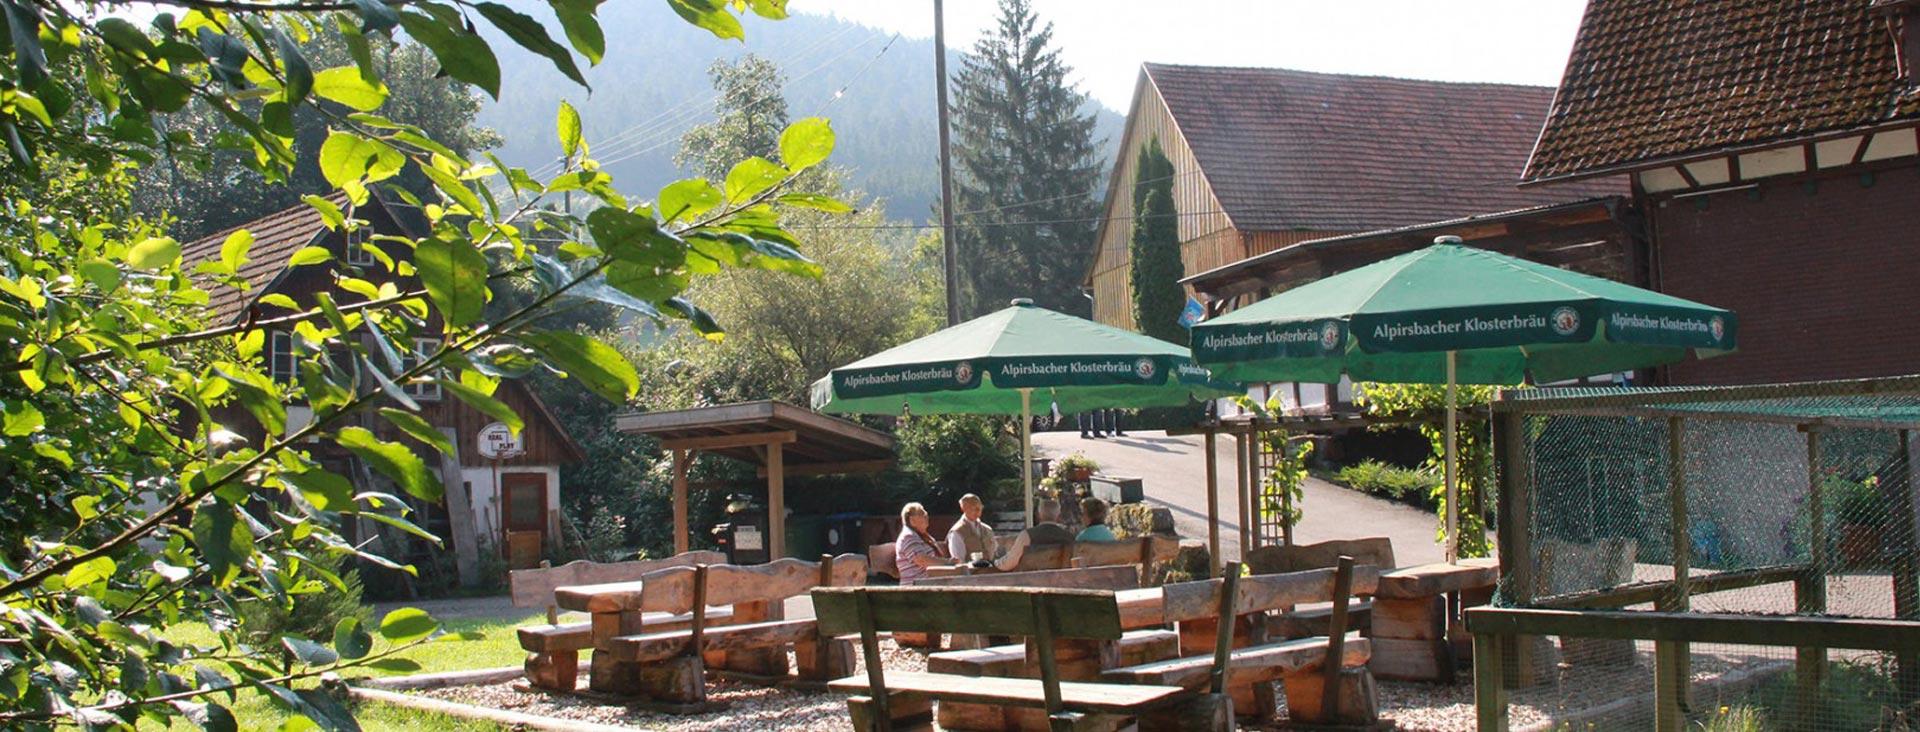 Biergarten   Landgasthof Untere Mühle im Schwarzwald